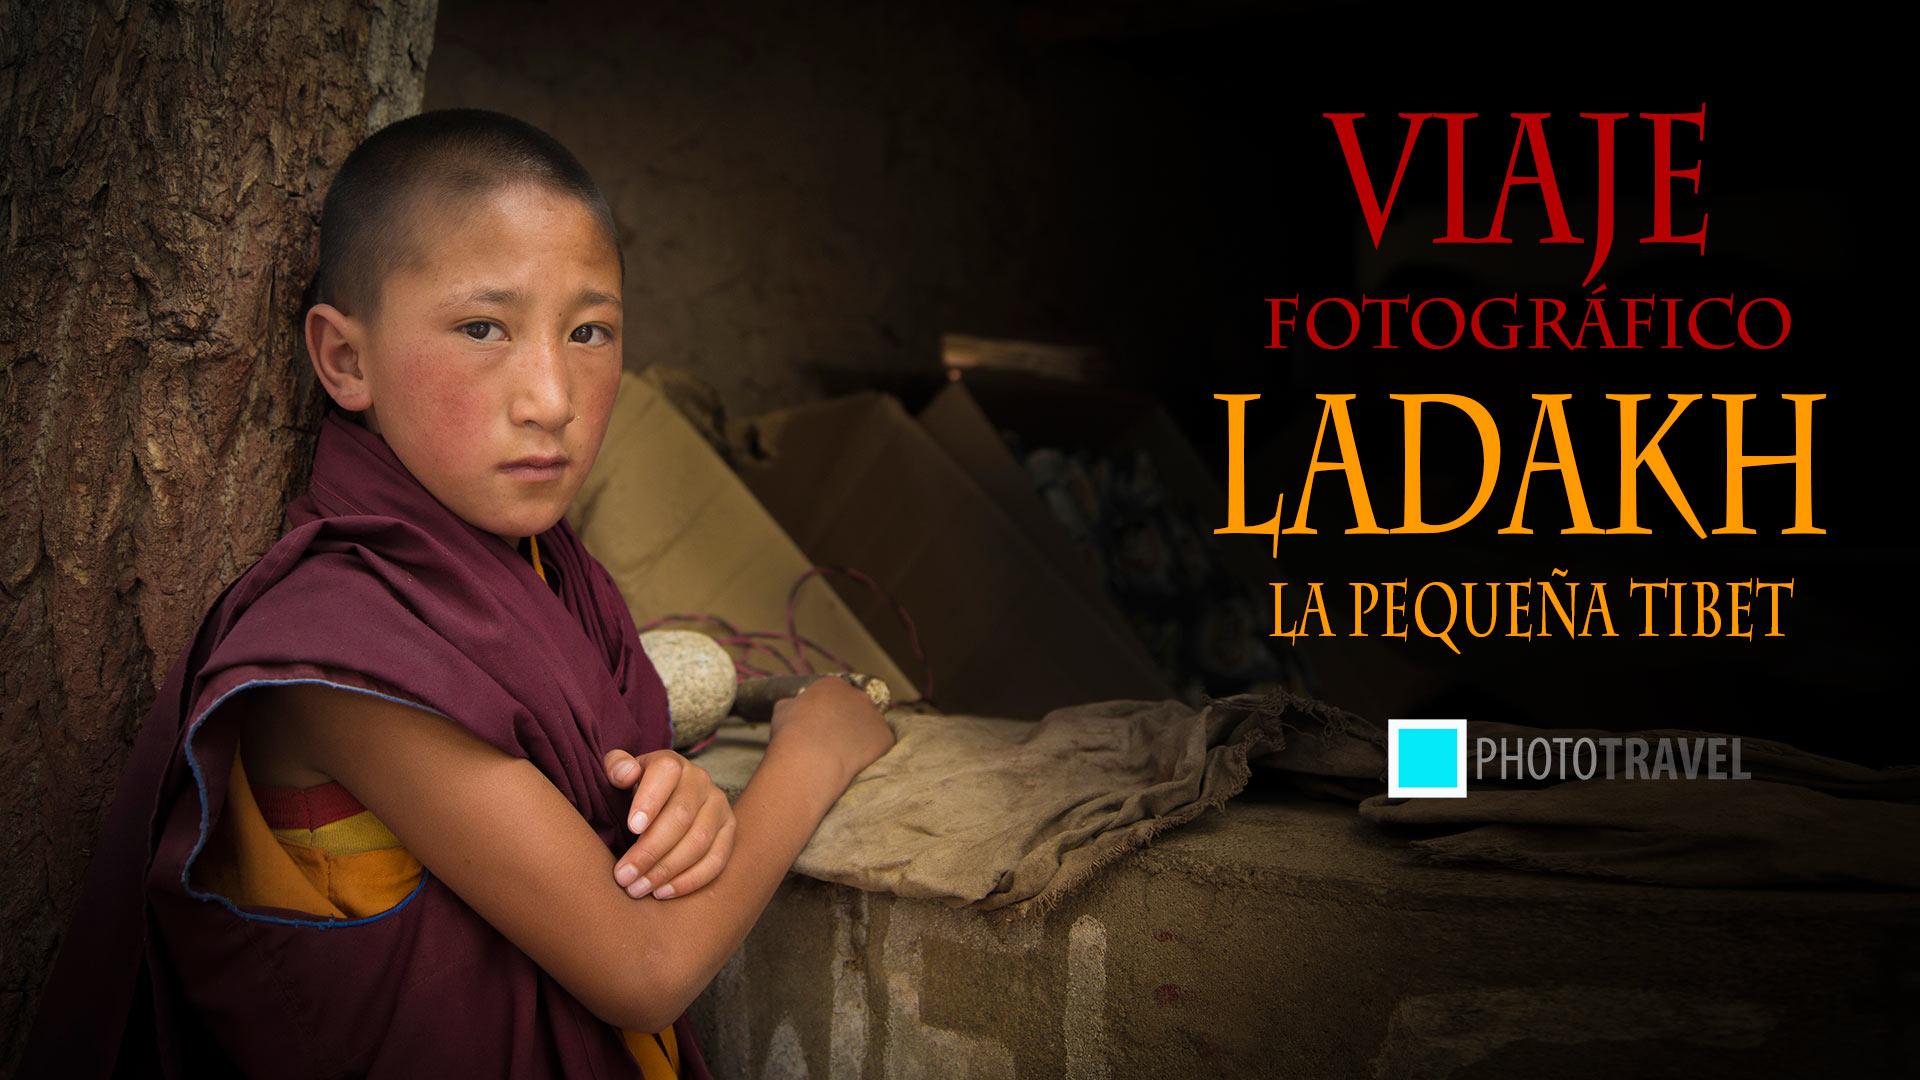 Viaje-fotografico-ladakh